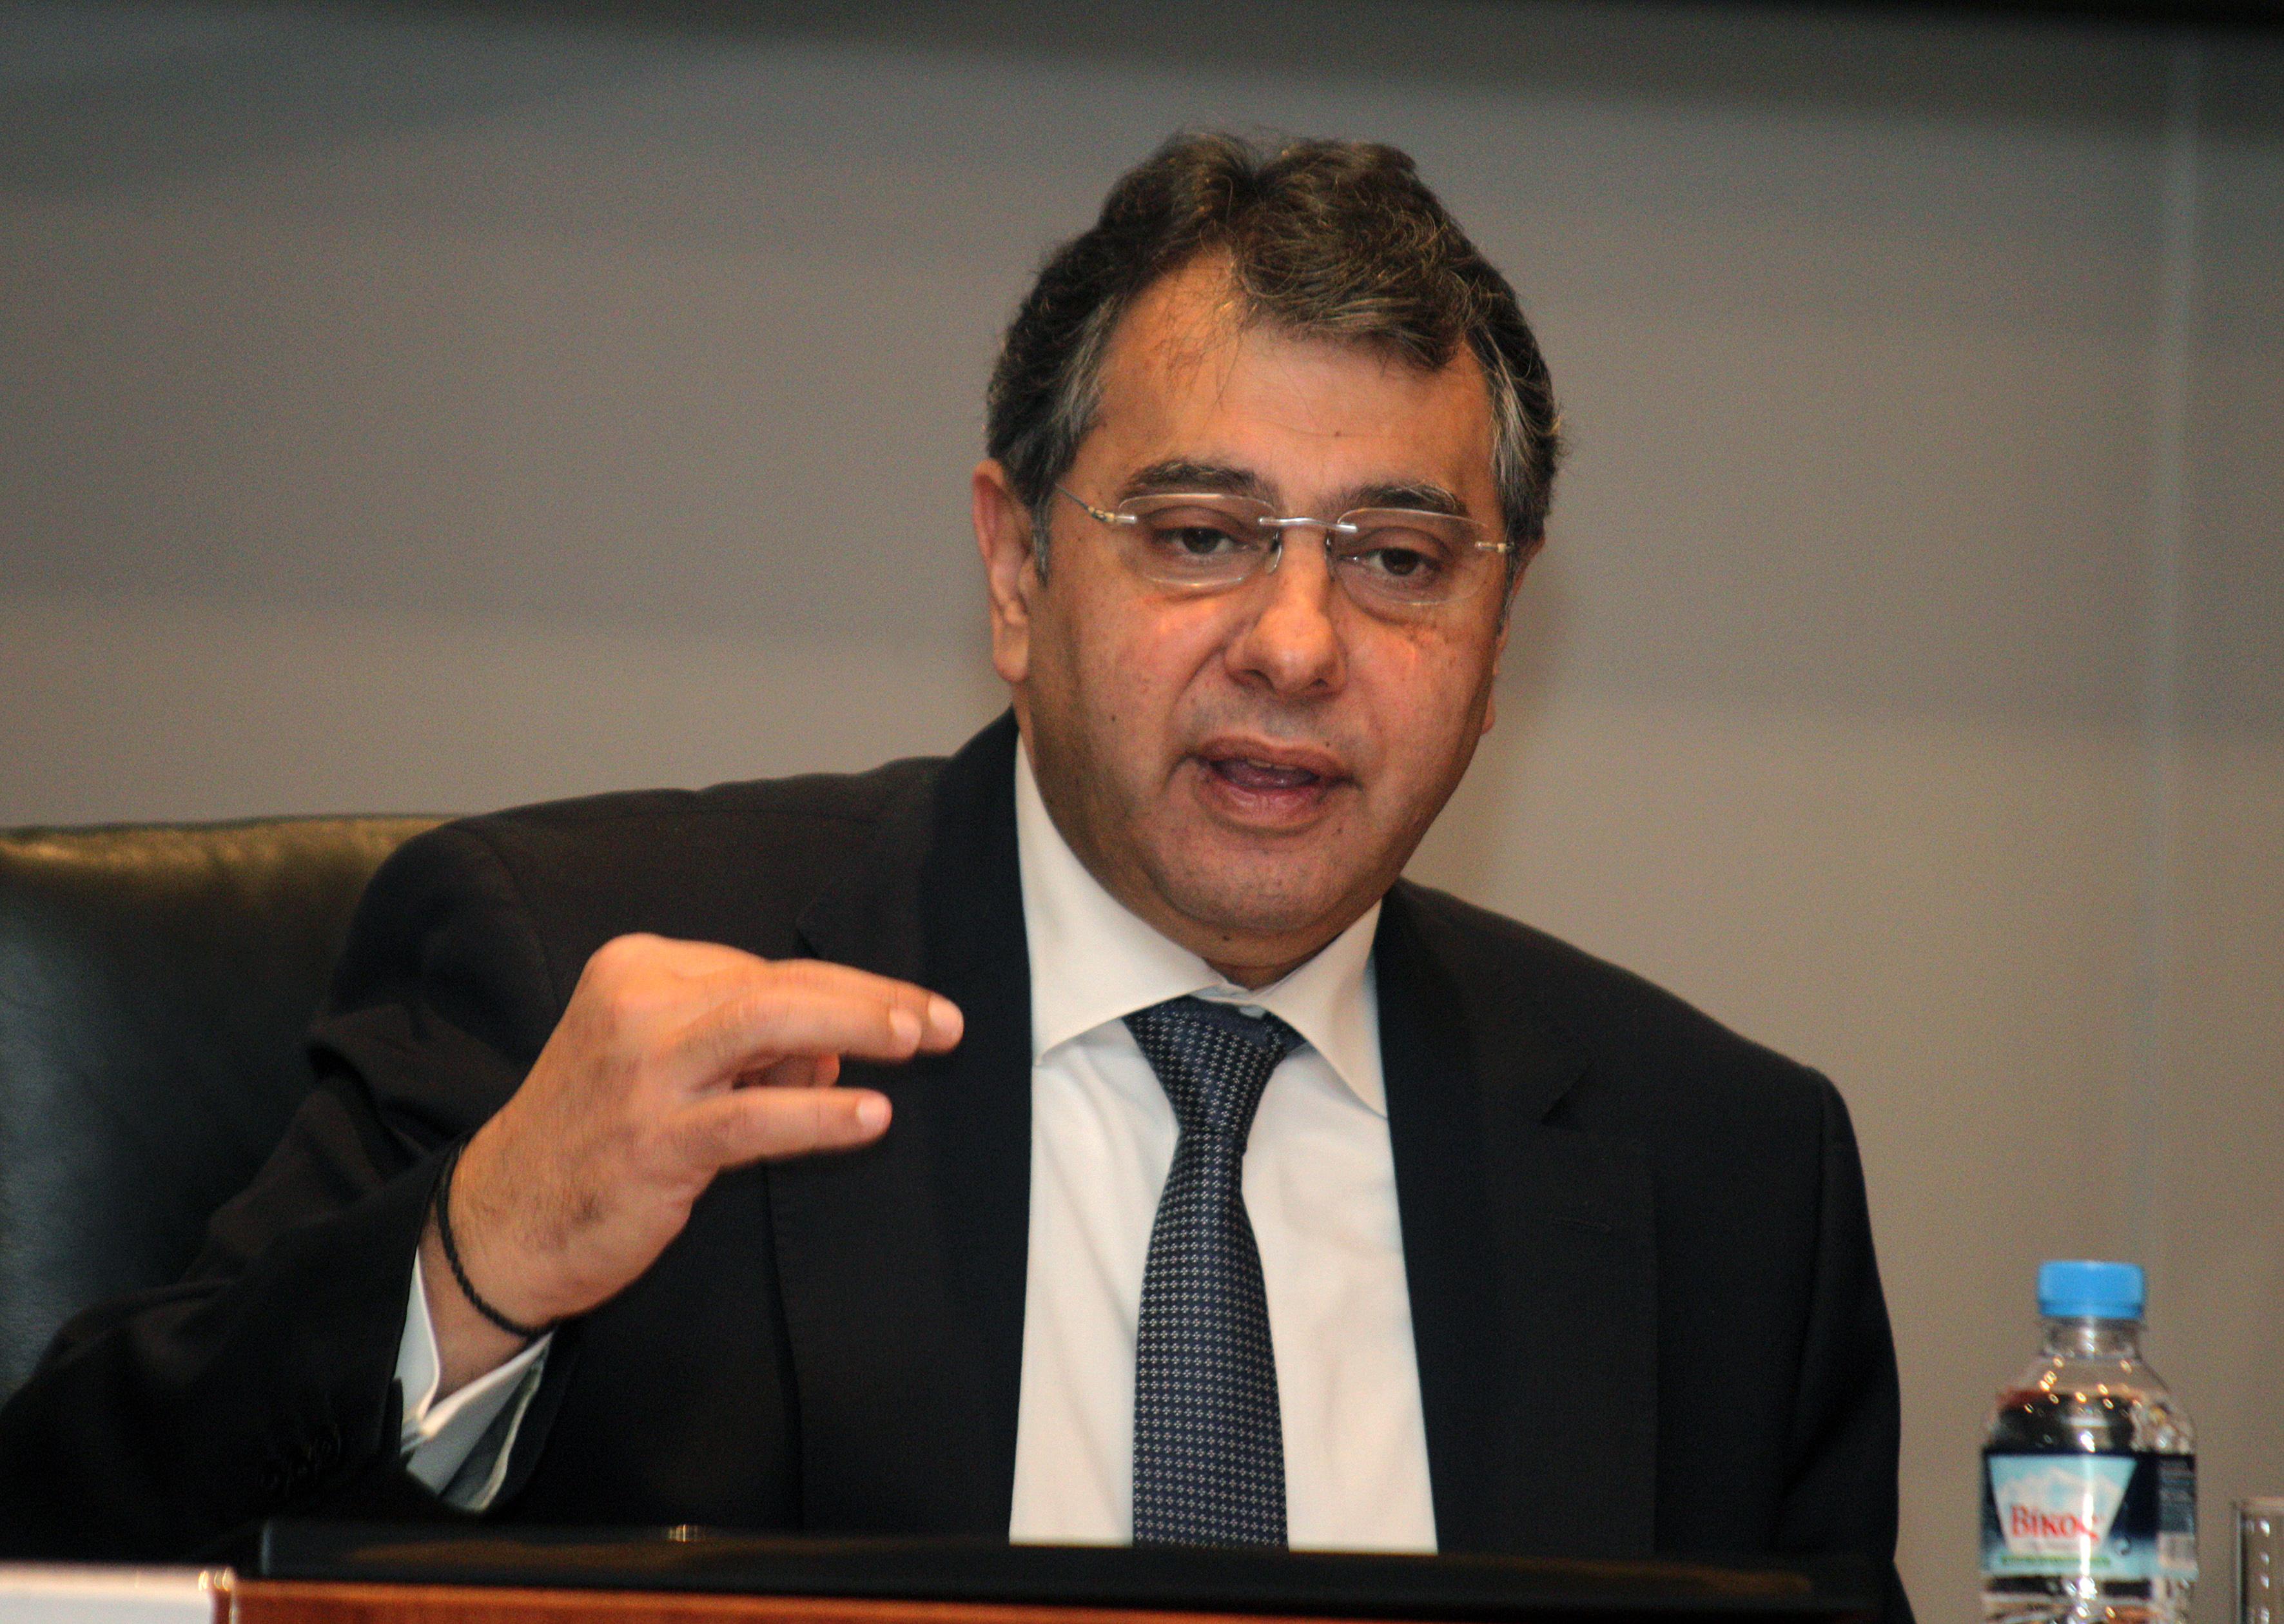 Ο Β.Κορκίδης Αντιπρόεδρος της Ευρωπαϊκής Συνομοσπονδίας ΜμΕ   tovima.gr